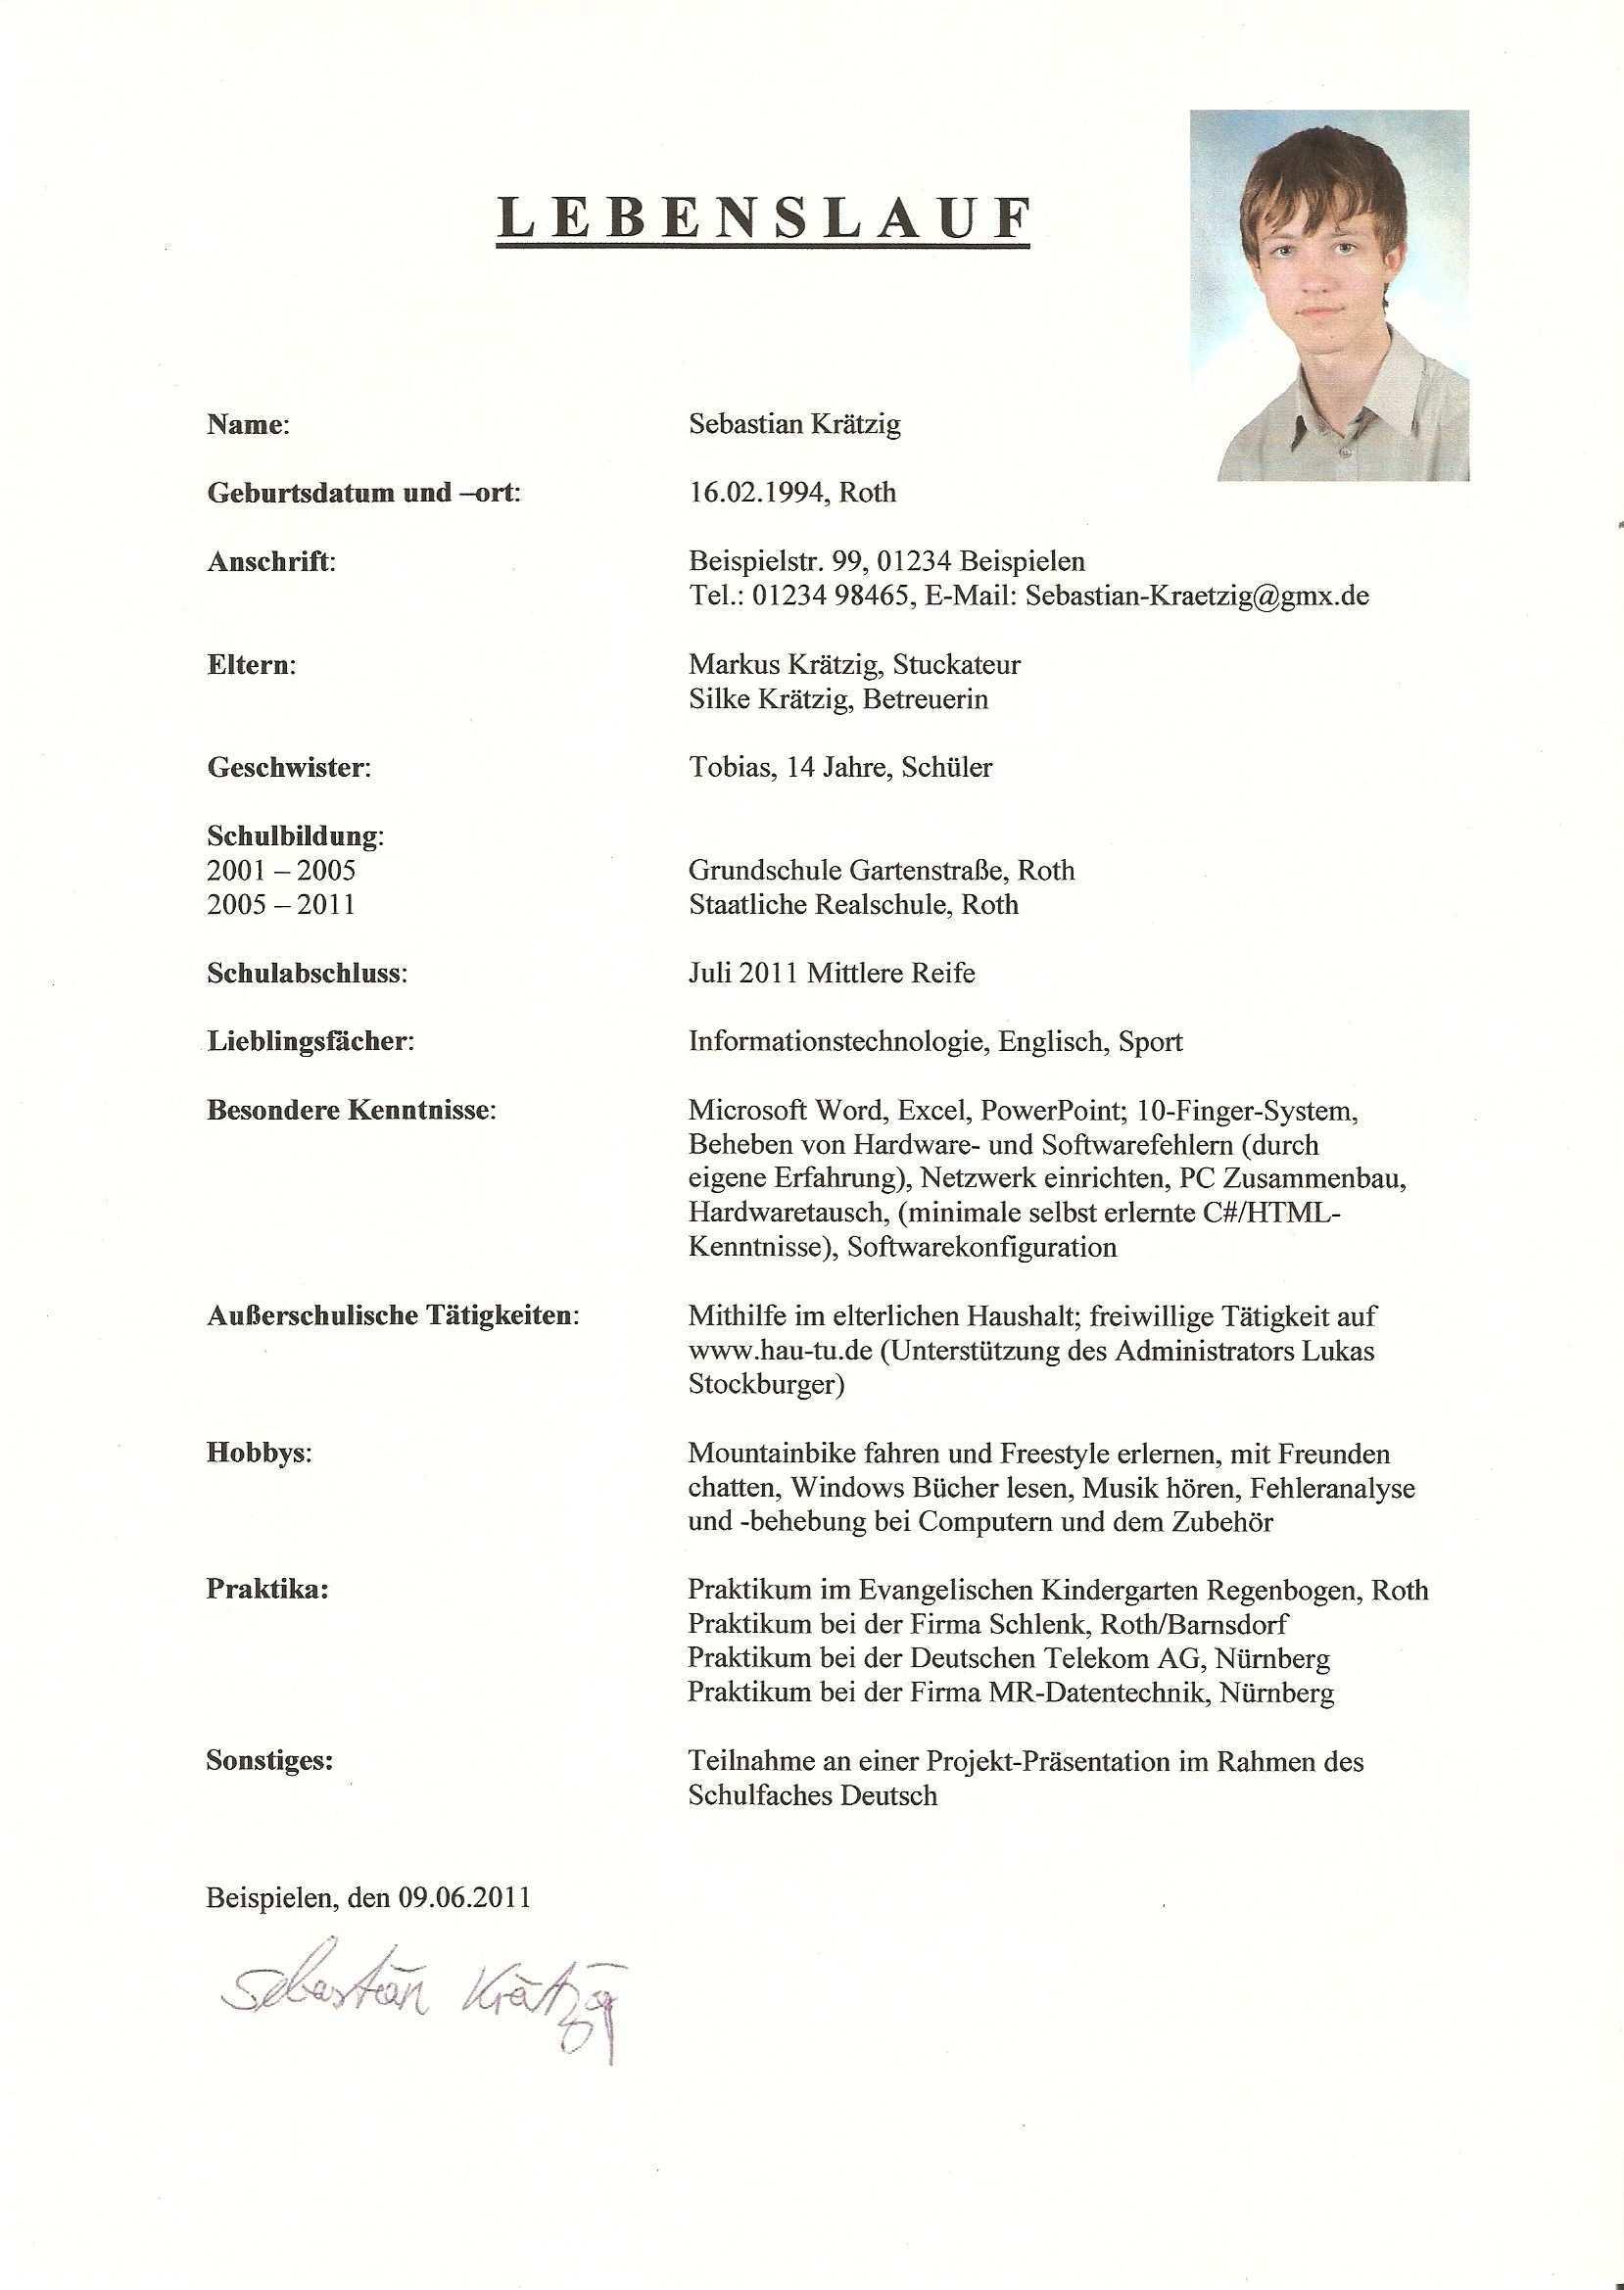 Curriculum Vitae Englisch Klasse 9 Modelo De Curriculum Vitae Curriculum Vitae Curriculum Budget Planner